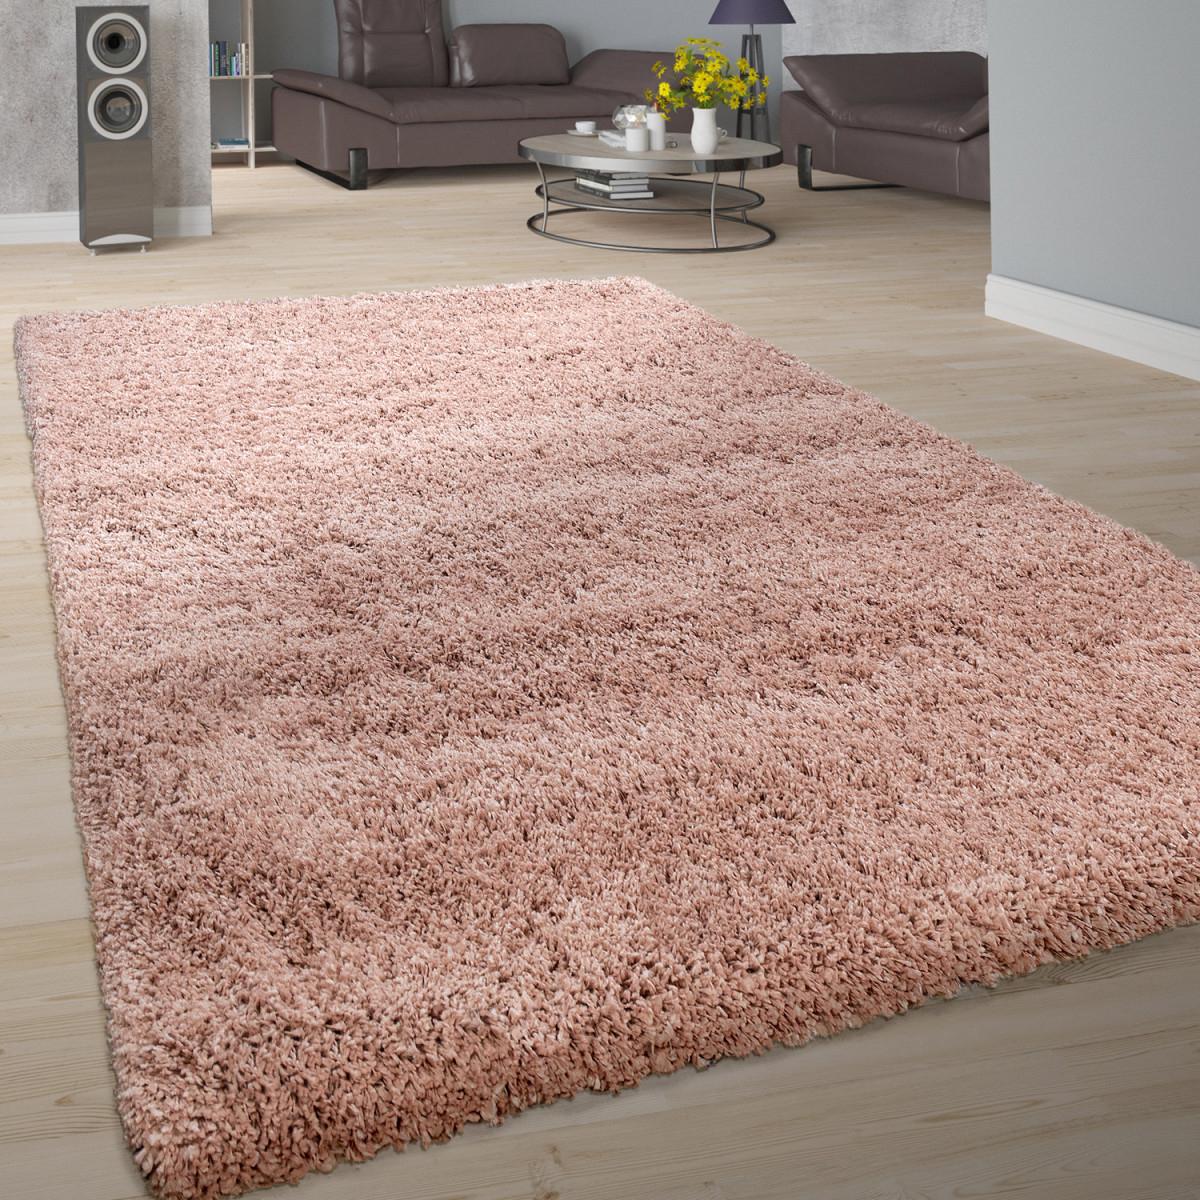 Details Zu Teppich Wohnzimmer Soft Shaggy Hochflor Modern Flauschig  Einfarbig In Rosa von Teppich Wohnzimmer Rosa Bild